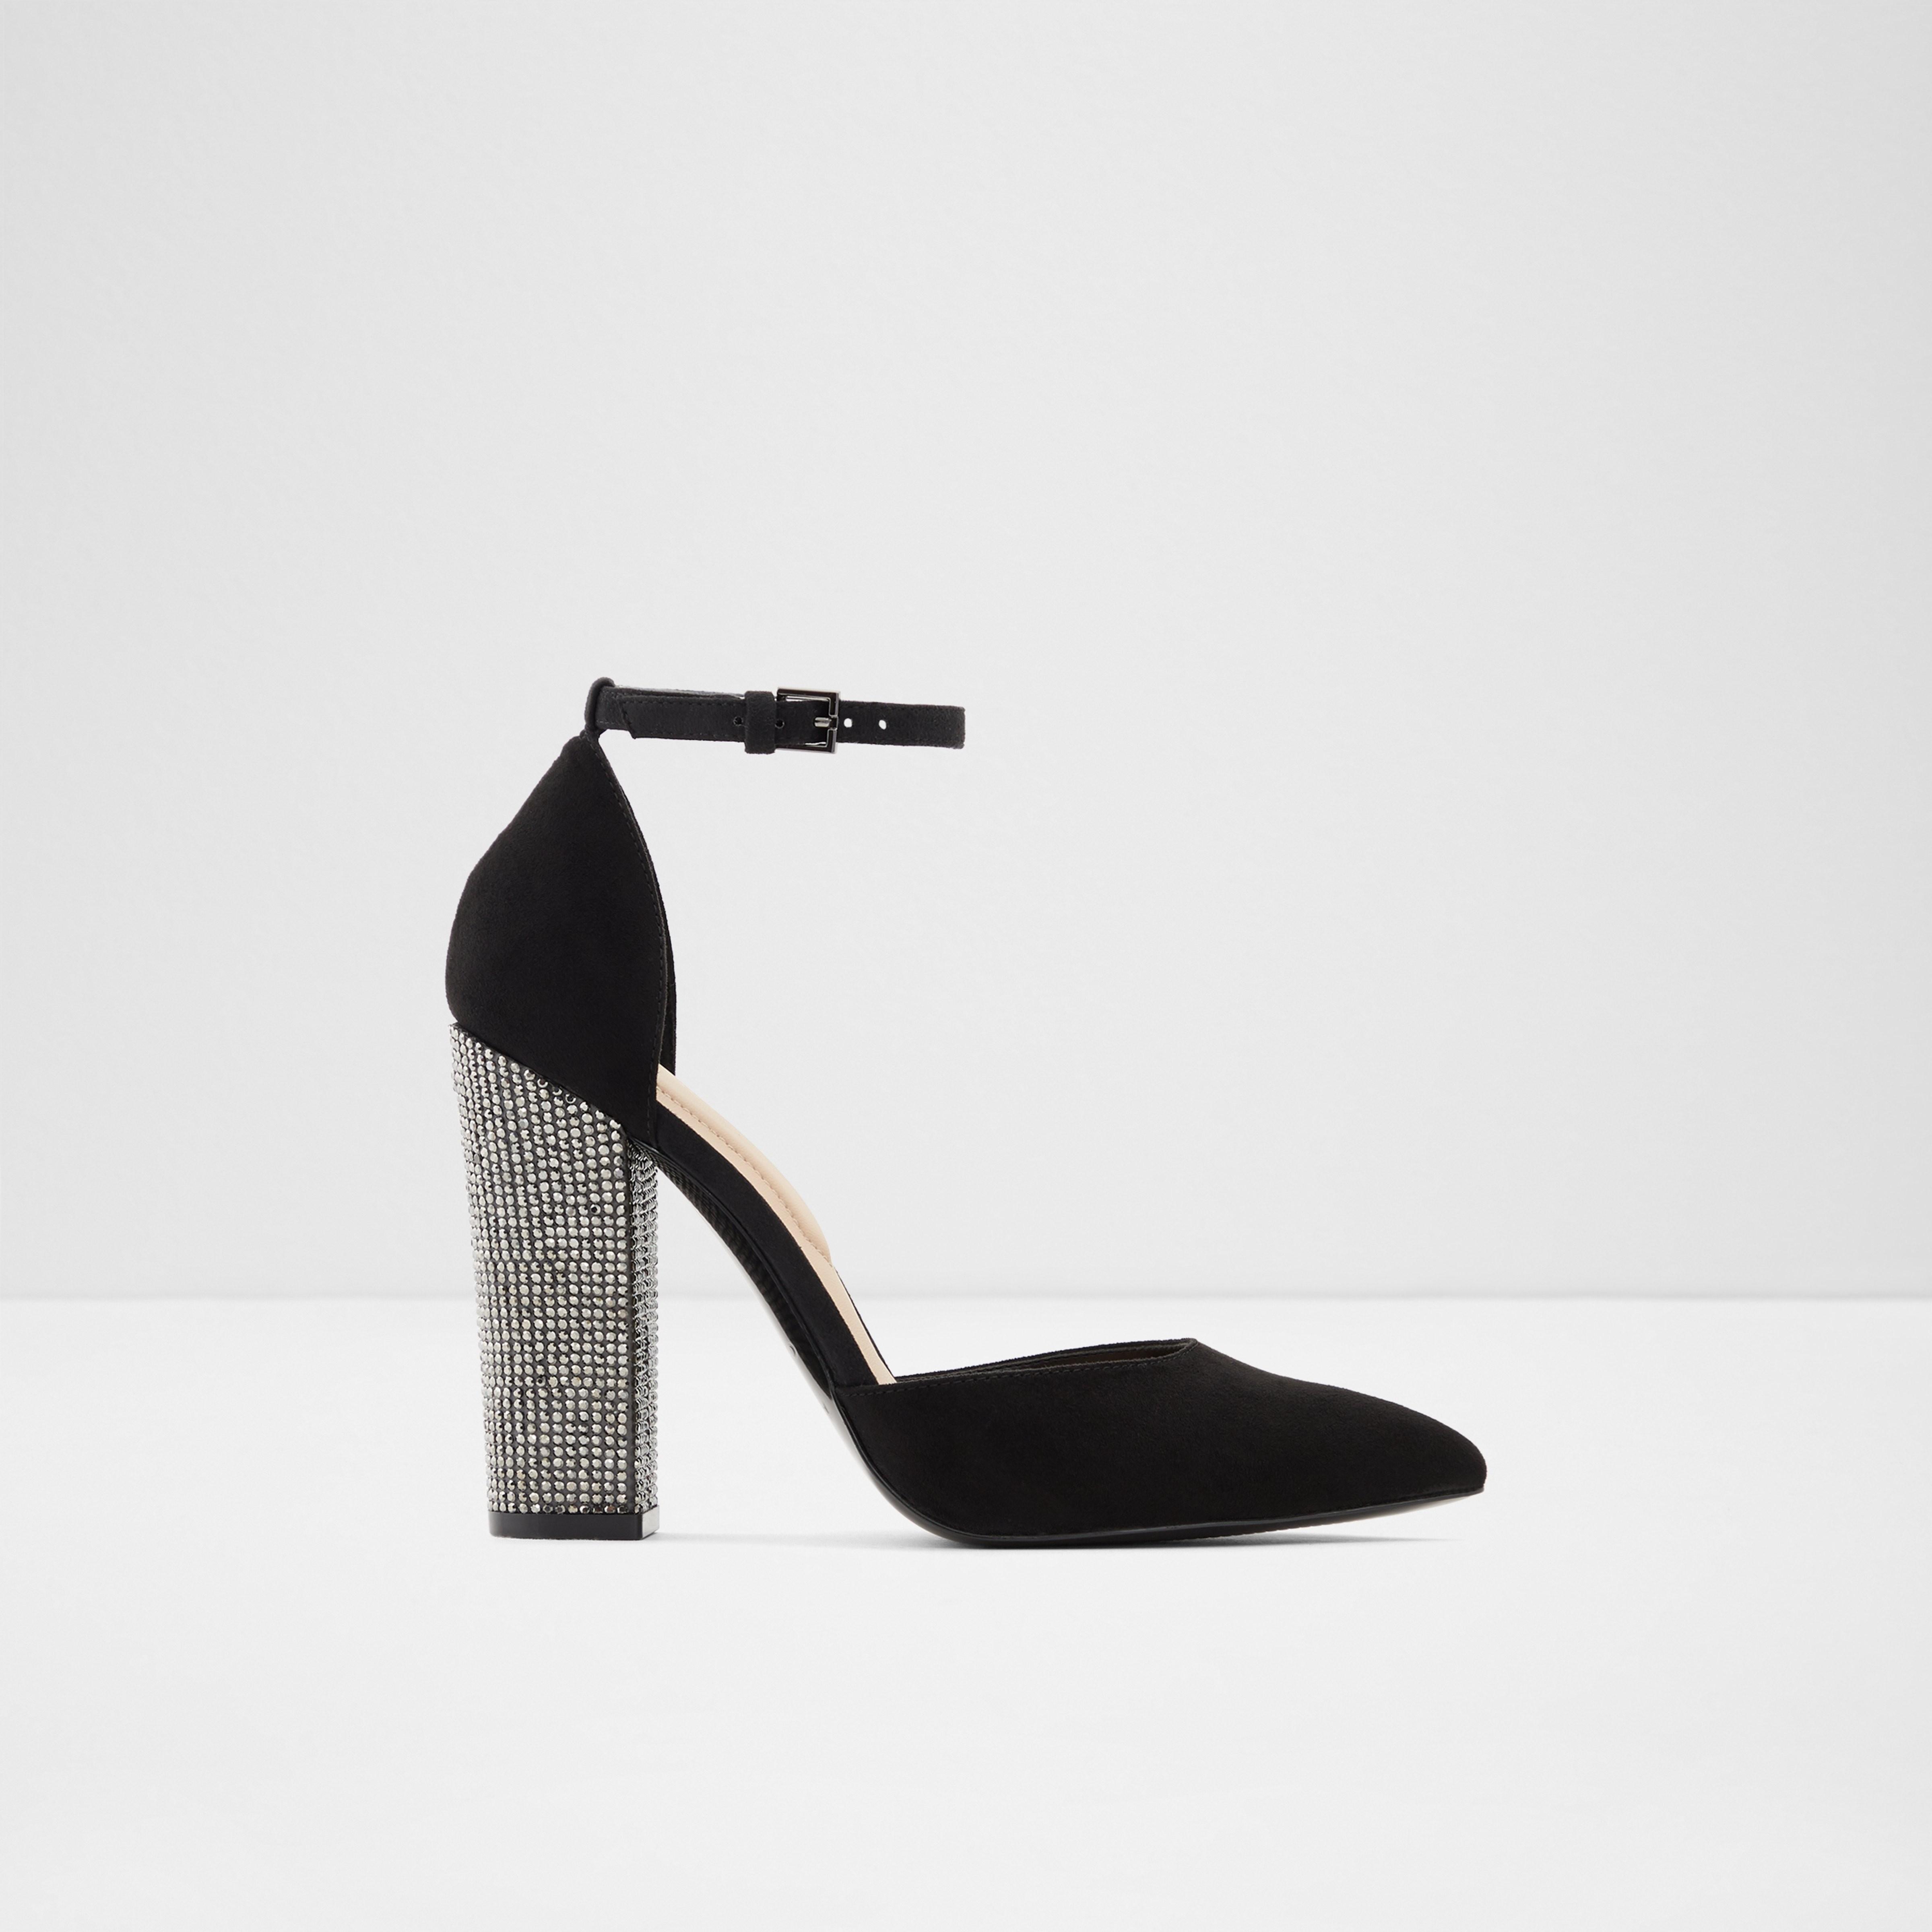 cel mai mic pret autentic arata bine vanzare pantofi Pantofi negri, Nicholes971, din piele ecologica | ALDO Romania